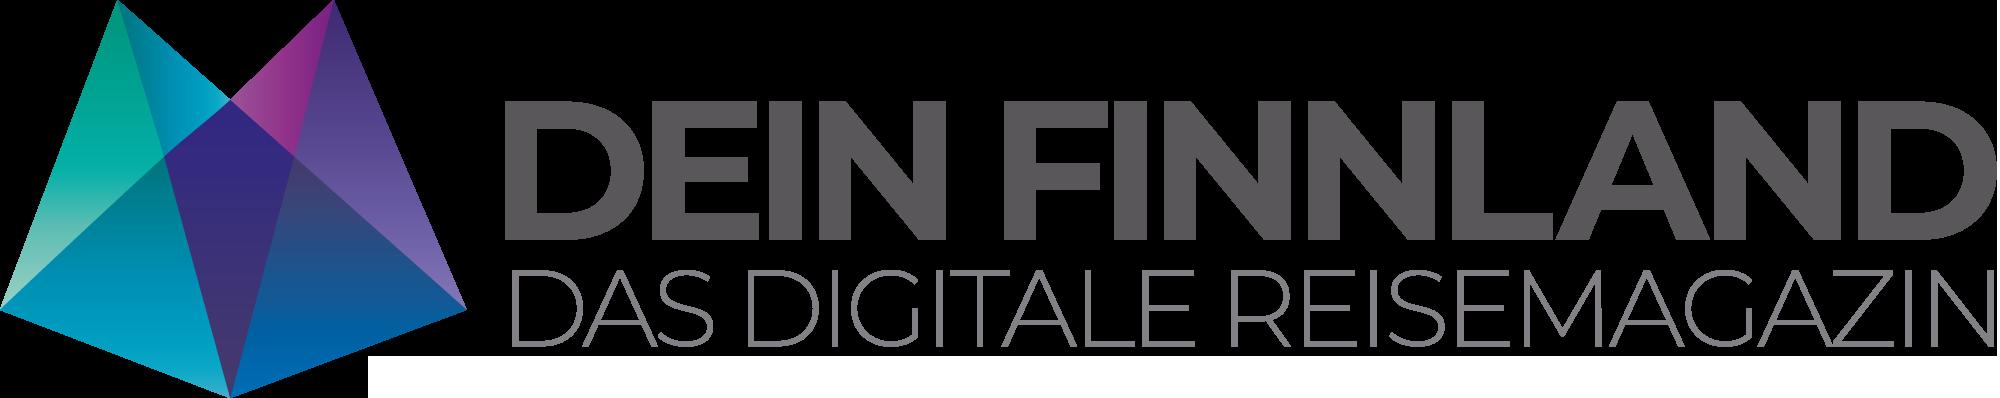 Dein Finnland • Das digitale Reisemagazin